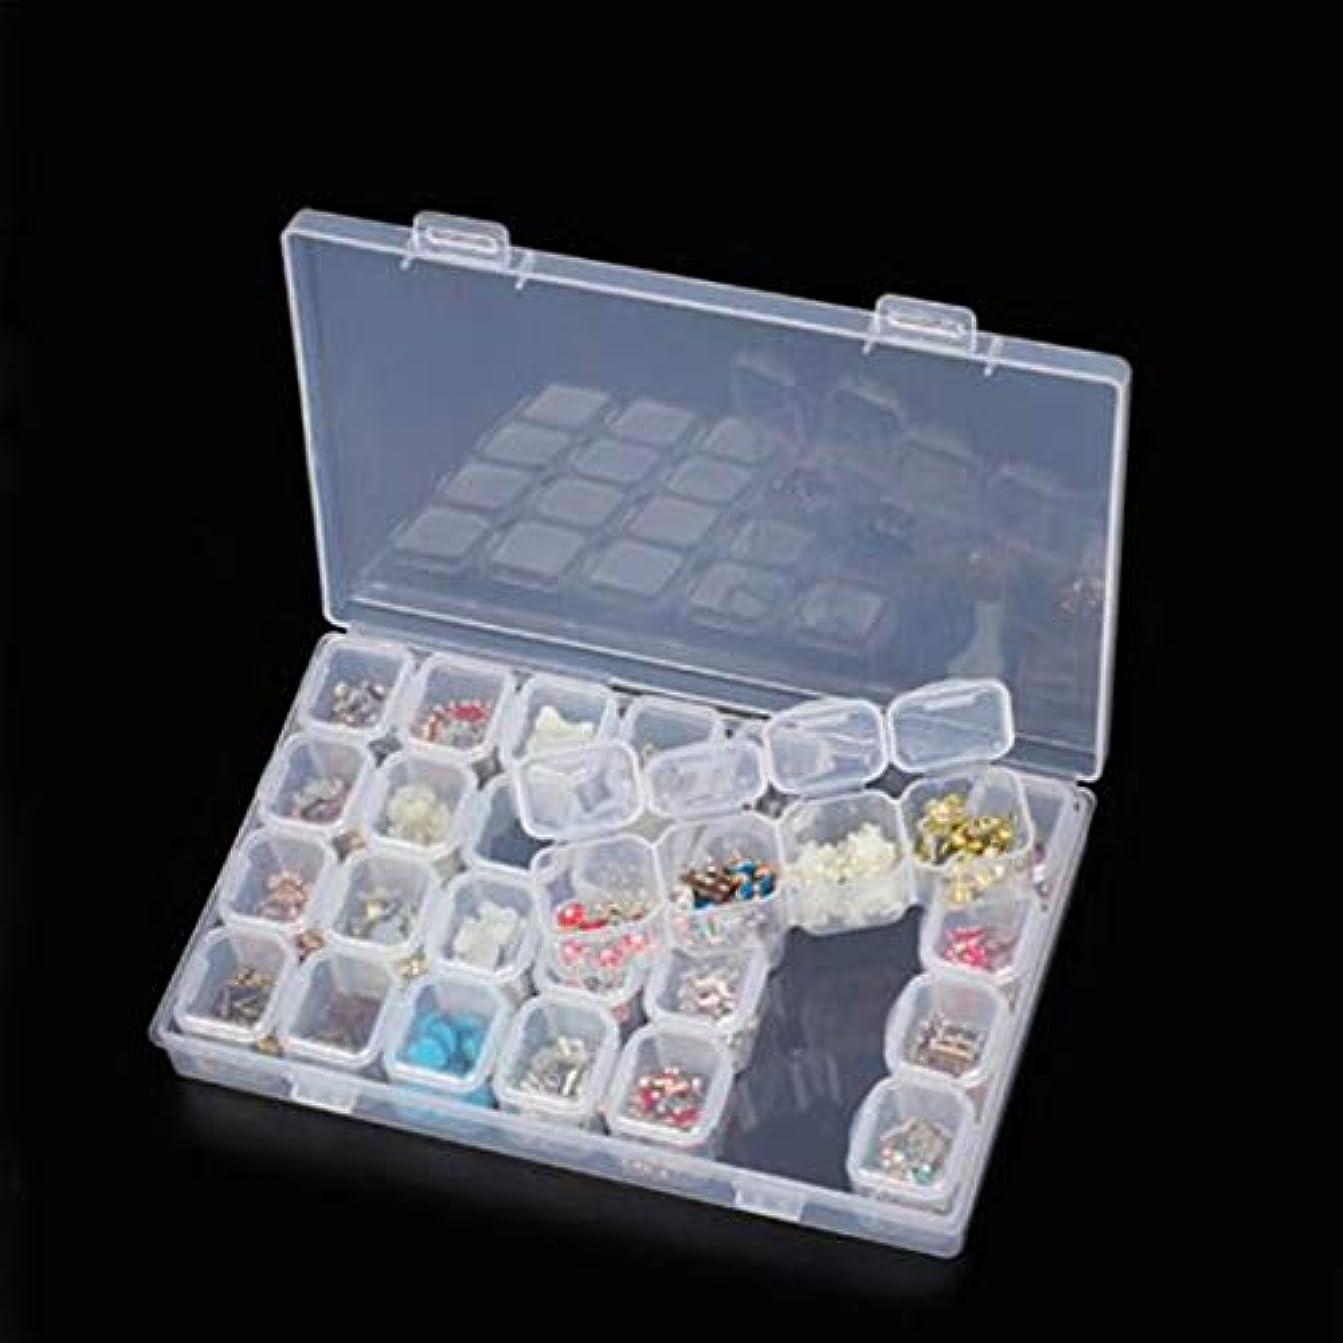 アベニューまばたき間違っている28スロットプラスチック収納ボックスボックスダイヤモンド塗装キットネールアートラインツールズ収納収納ボックスケースオーガナイザーホルダー